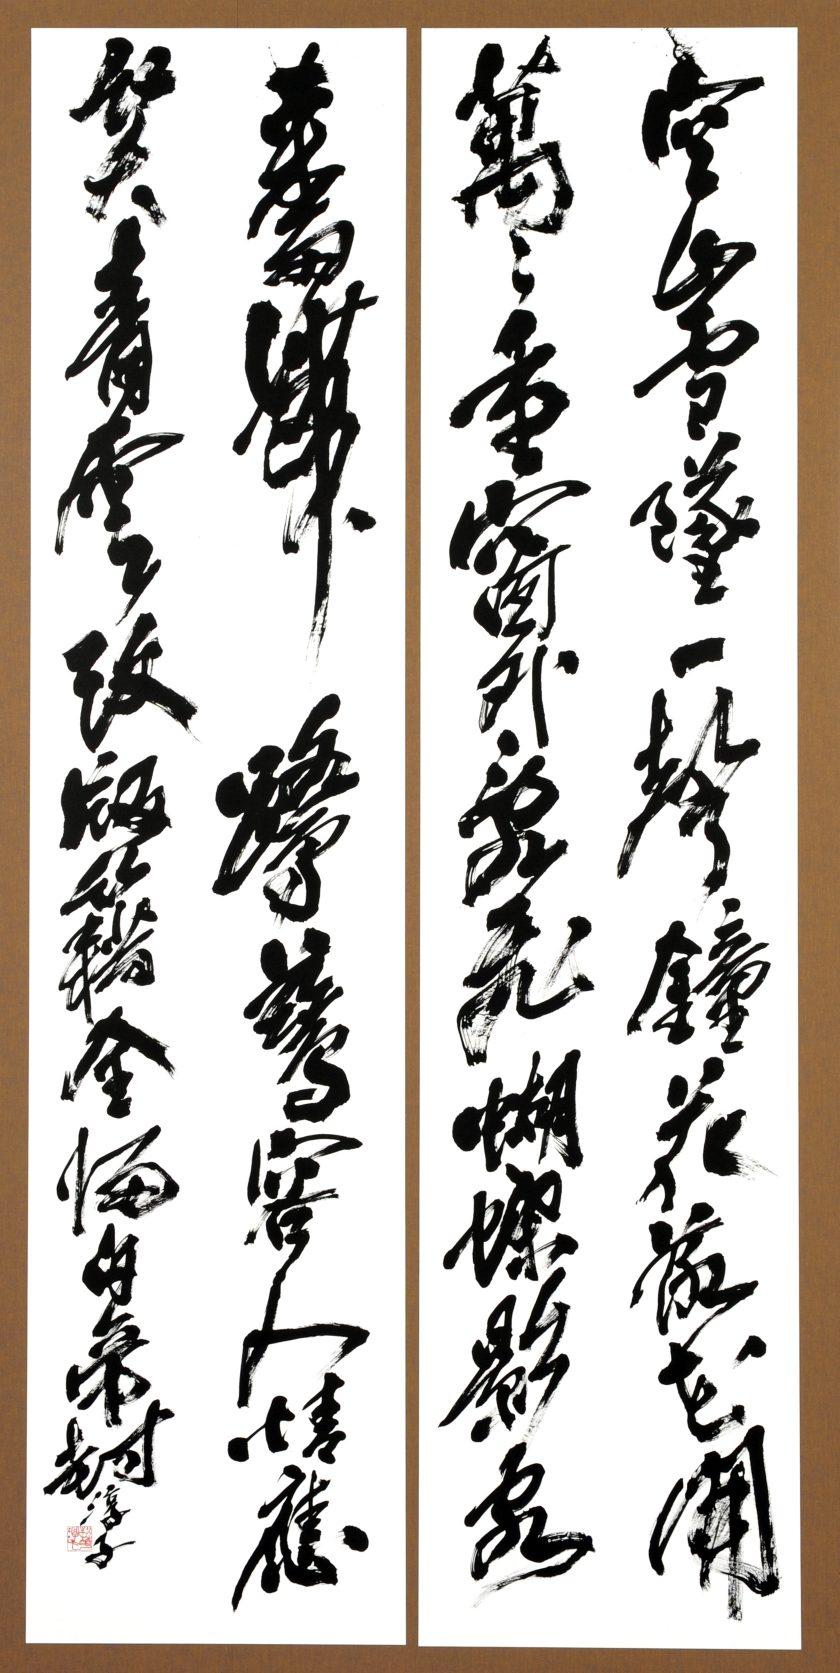 第70回滋賀県美術展覧会(書の部)特選「厳遂成詩」